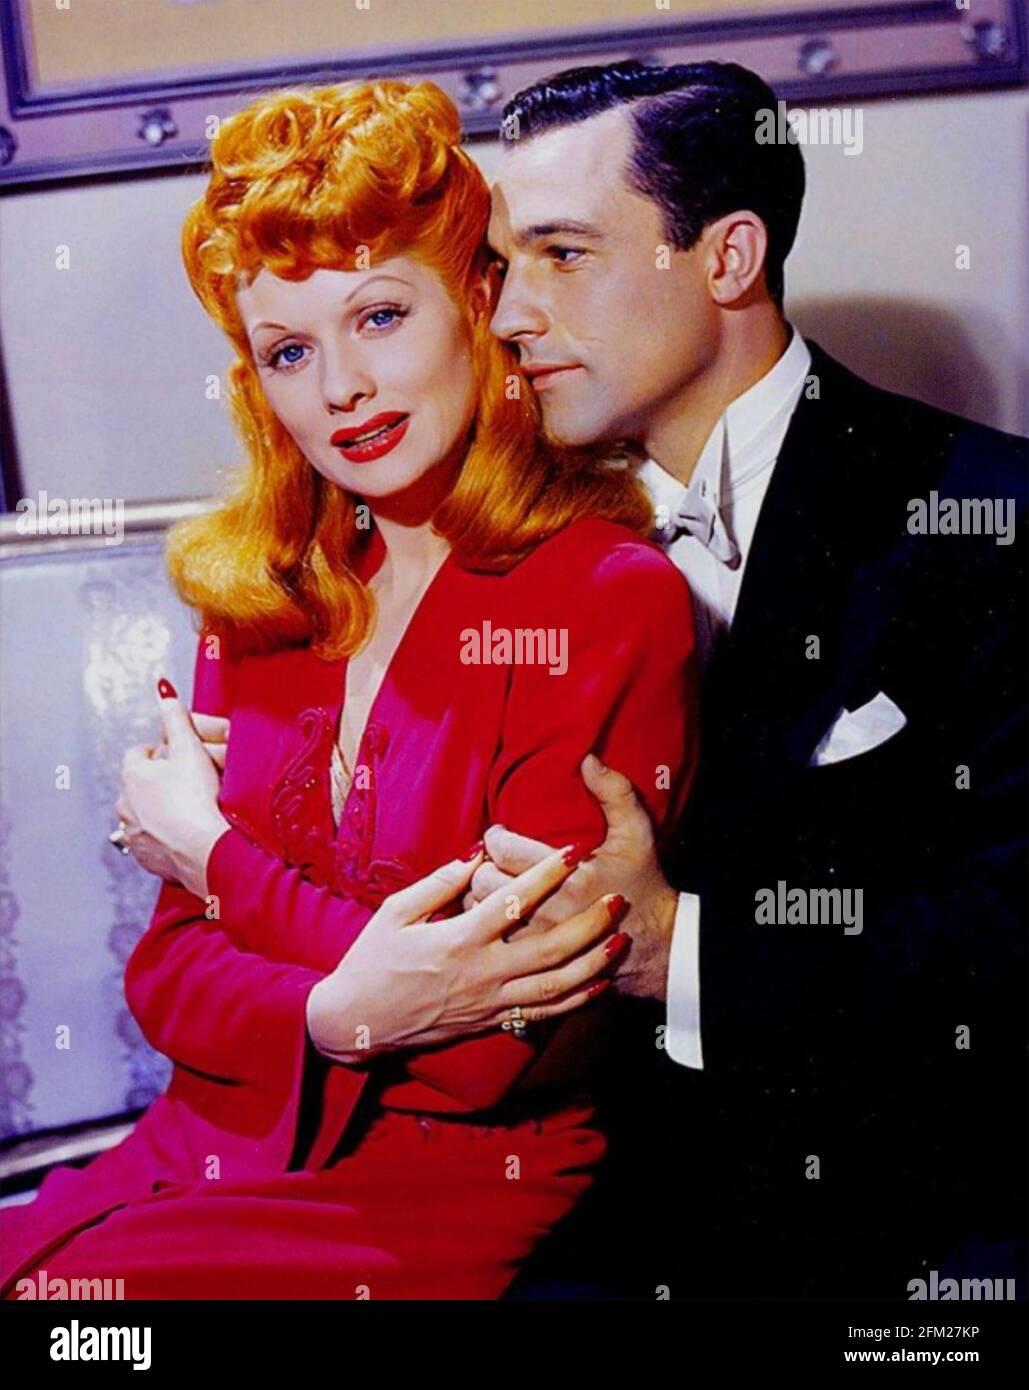 DU BARRY ÉTAIT UN FILM LADY 1943 MGM avec Lucille Ball et Gene Kelly Banque D'Images